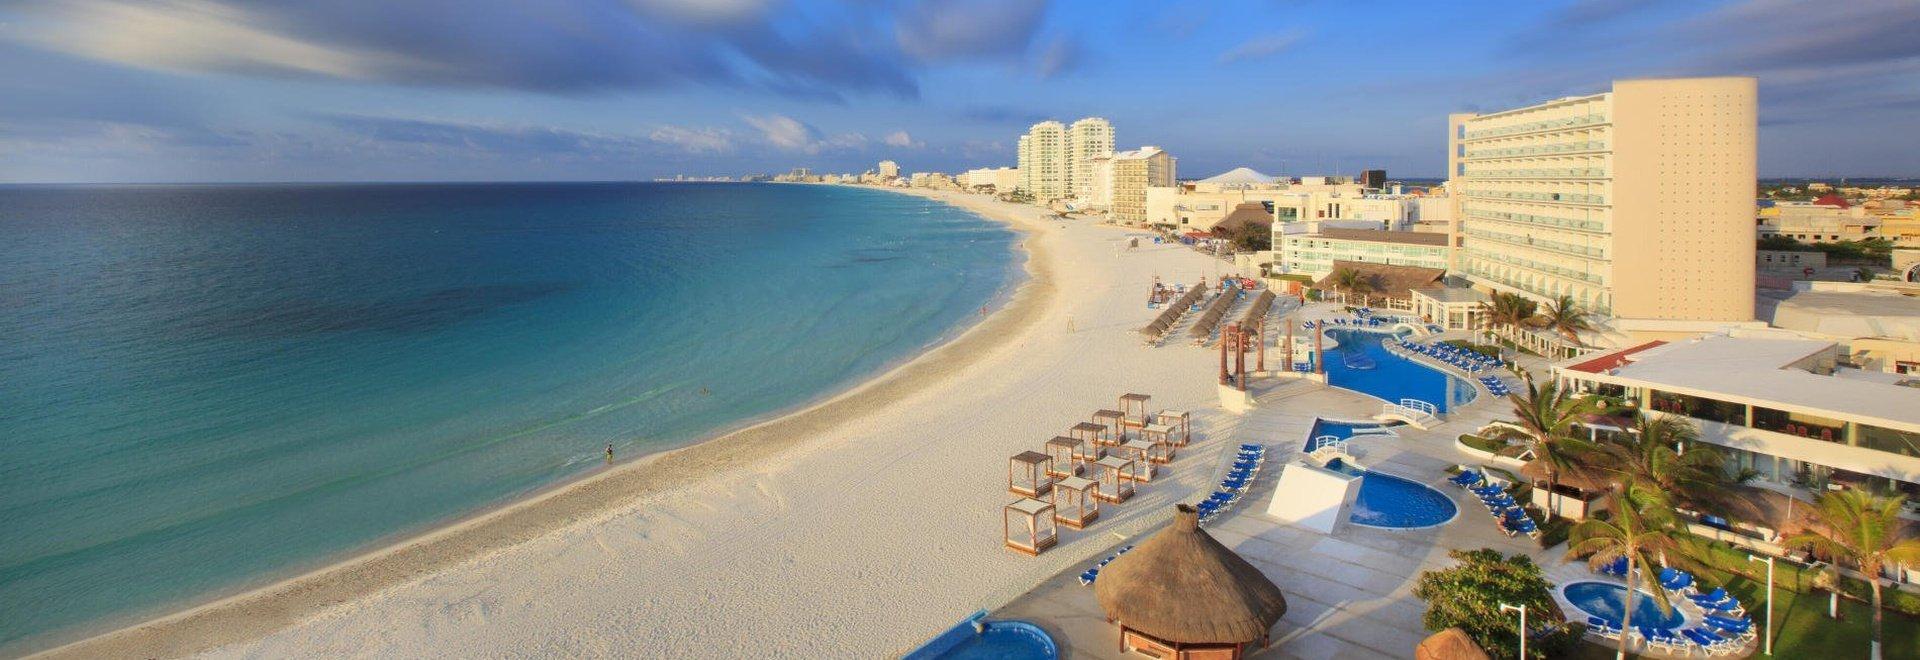 Hotel Krystal Cancún